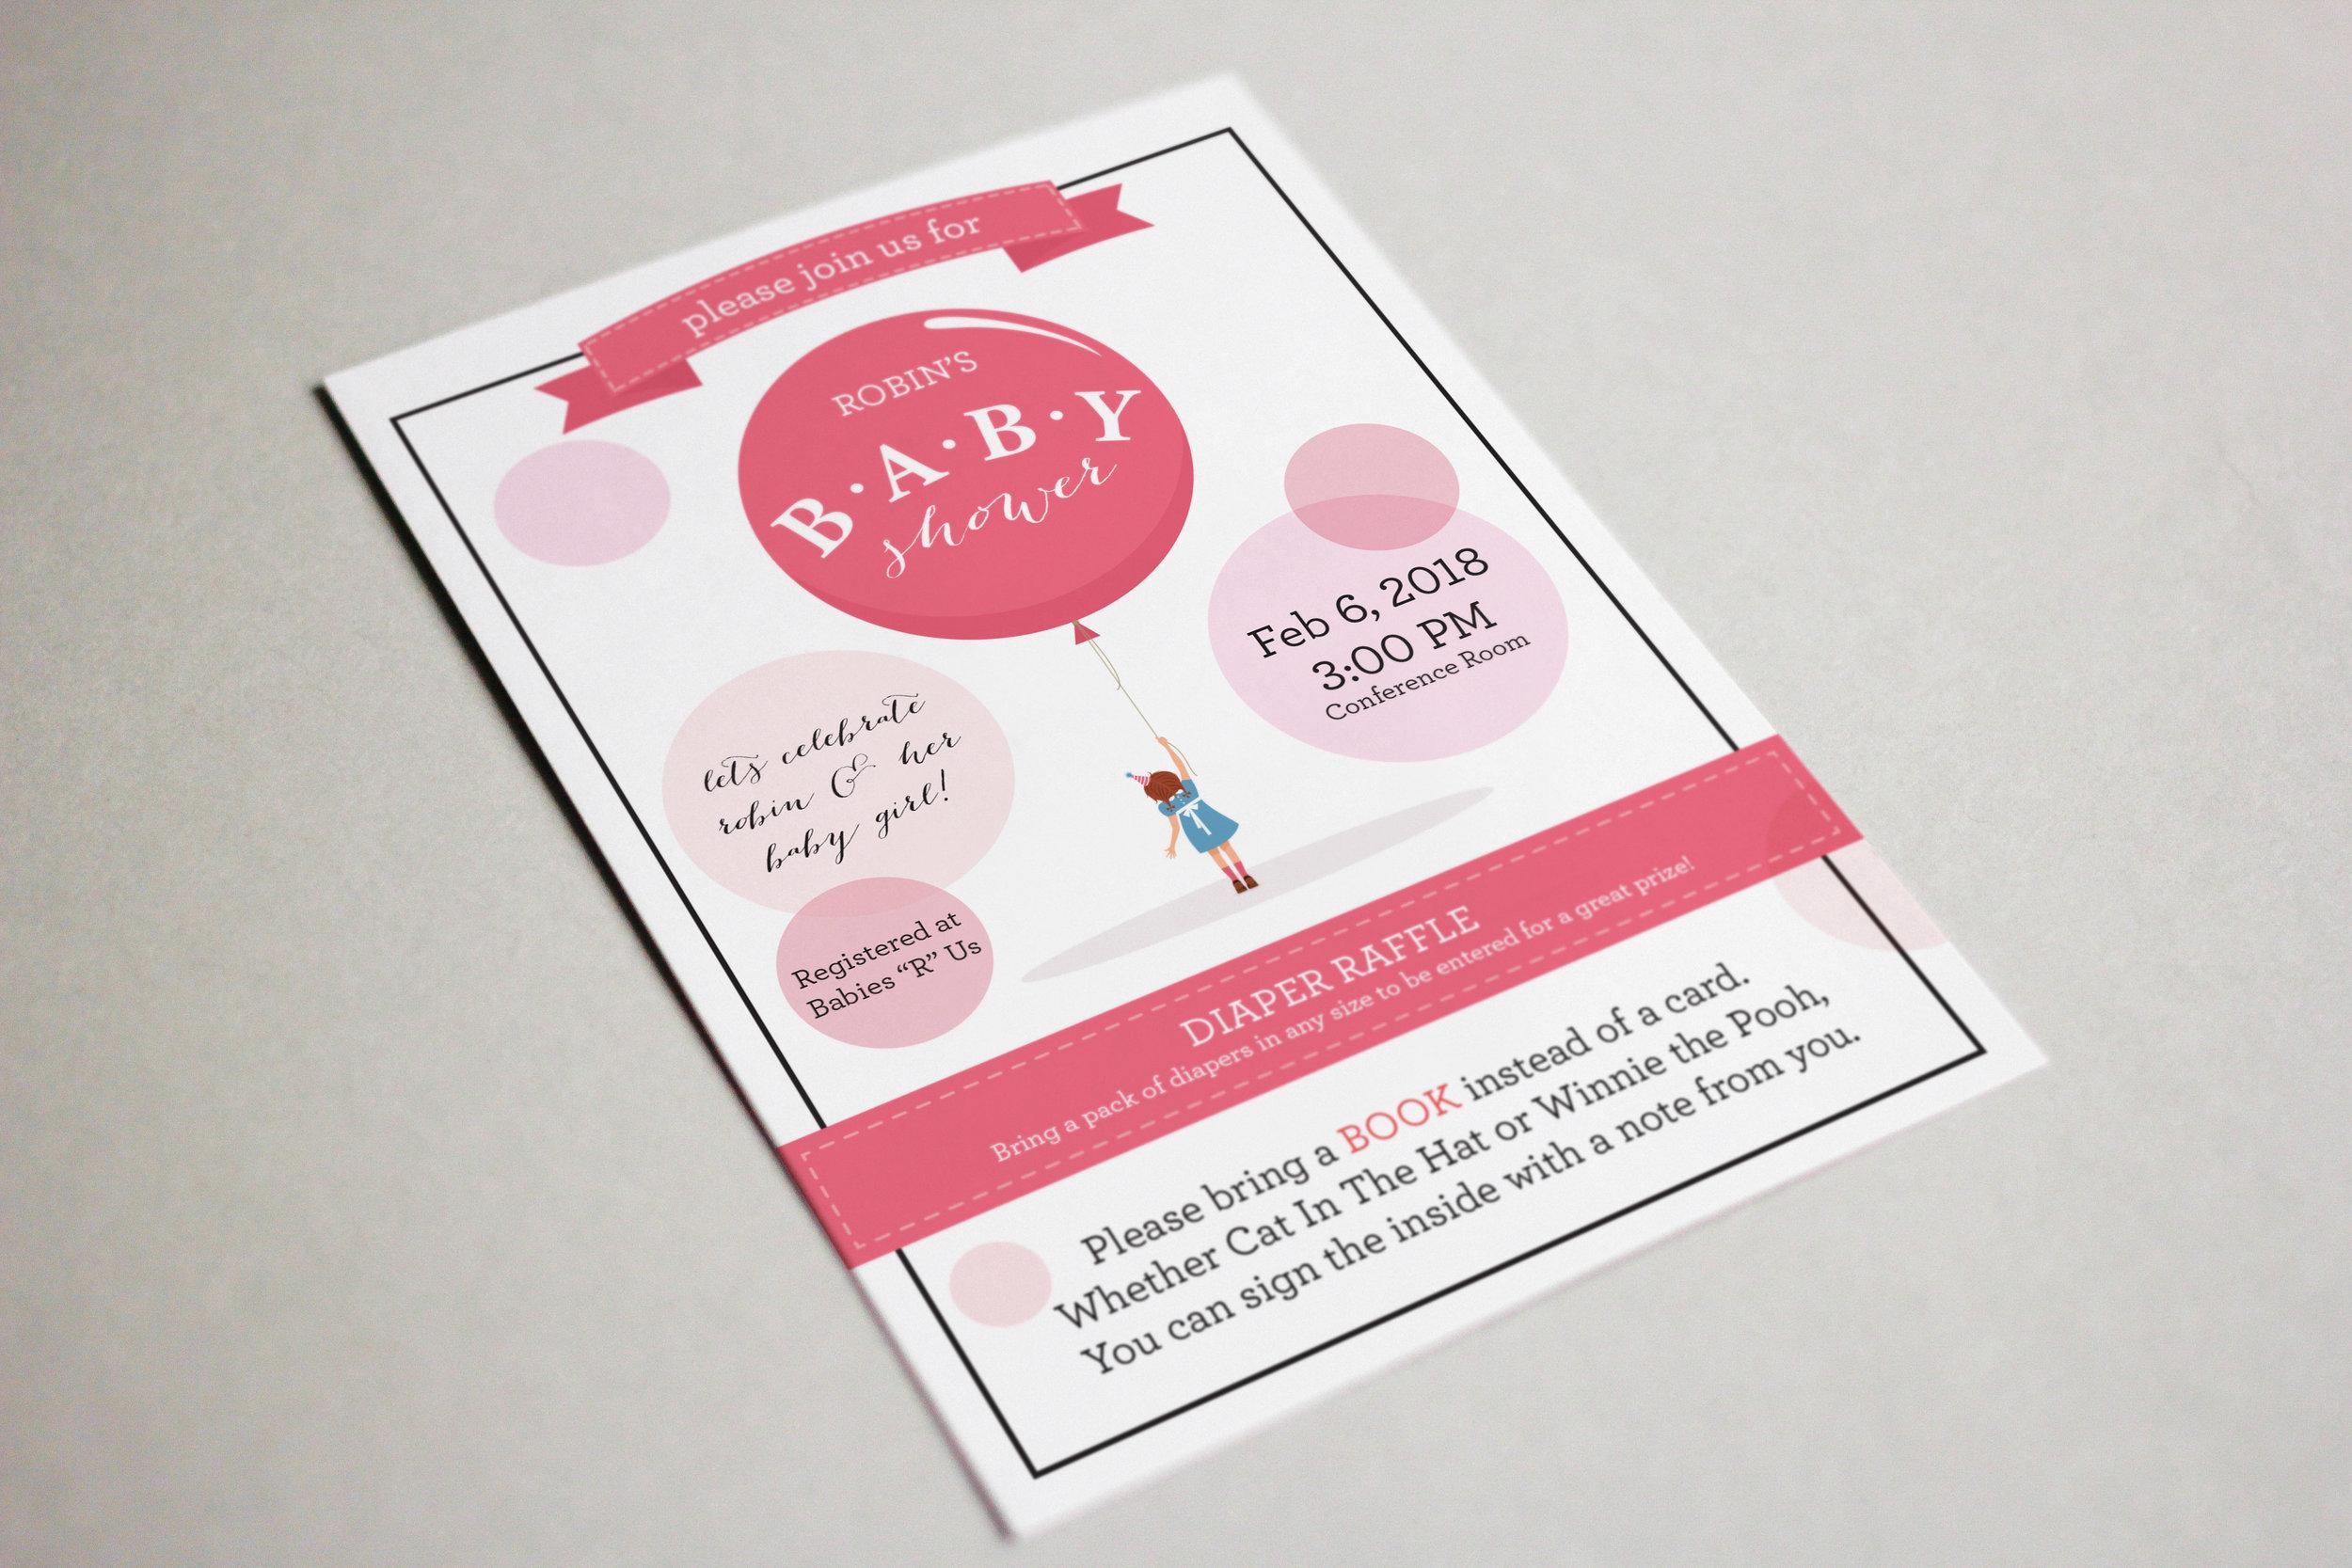 Baby Shower Invite.jpg